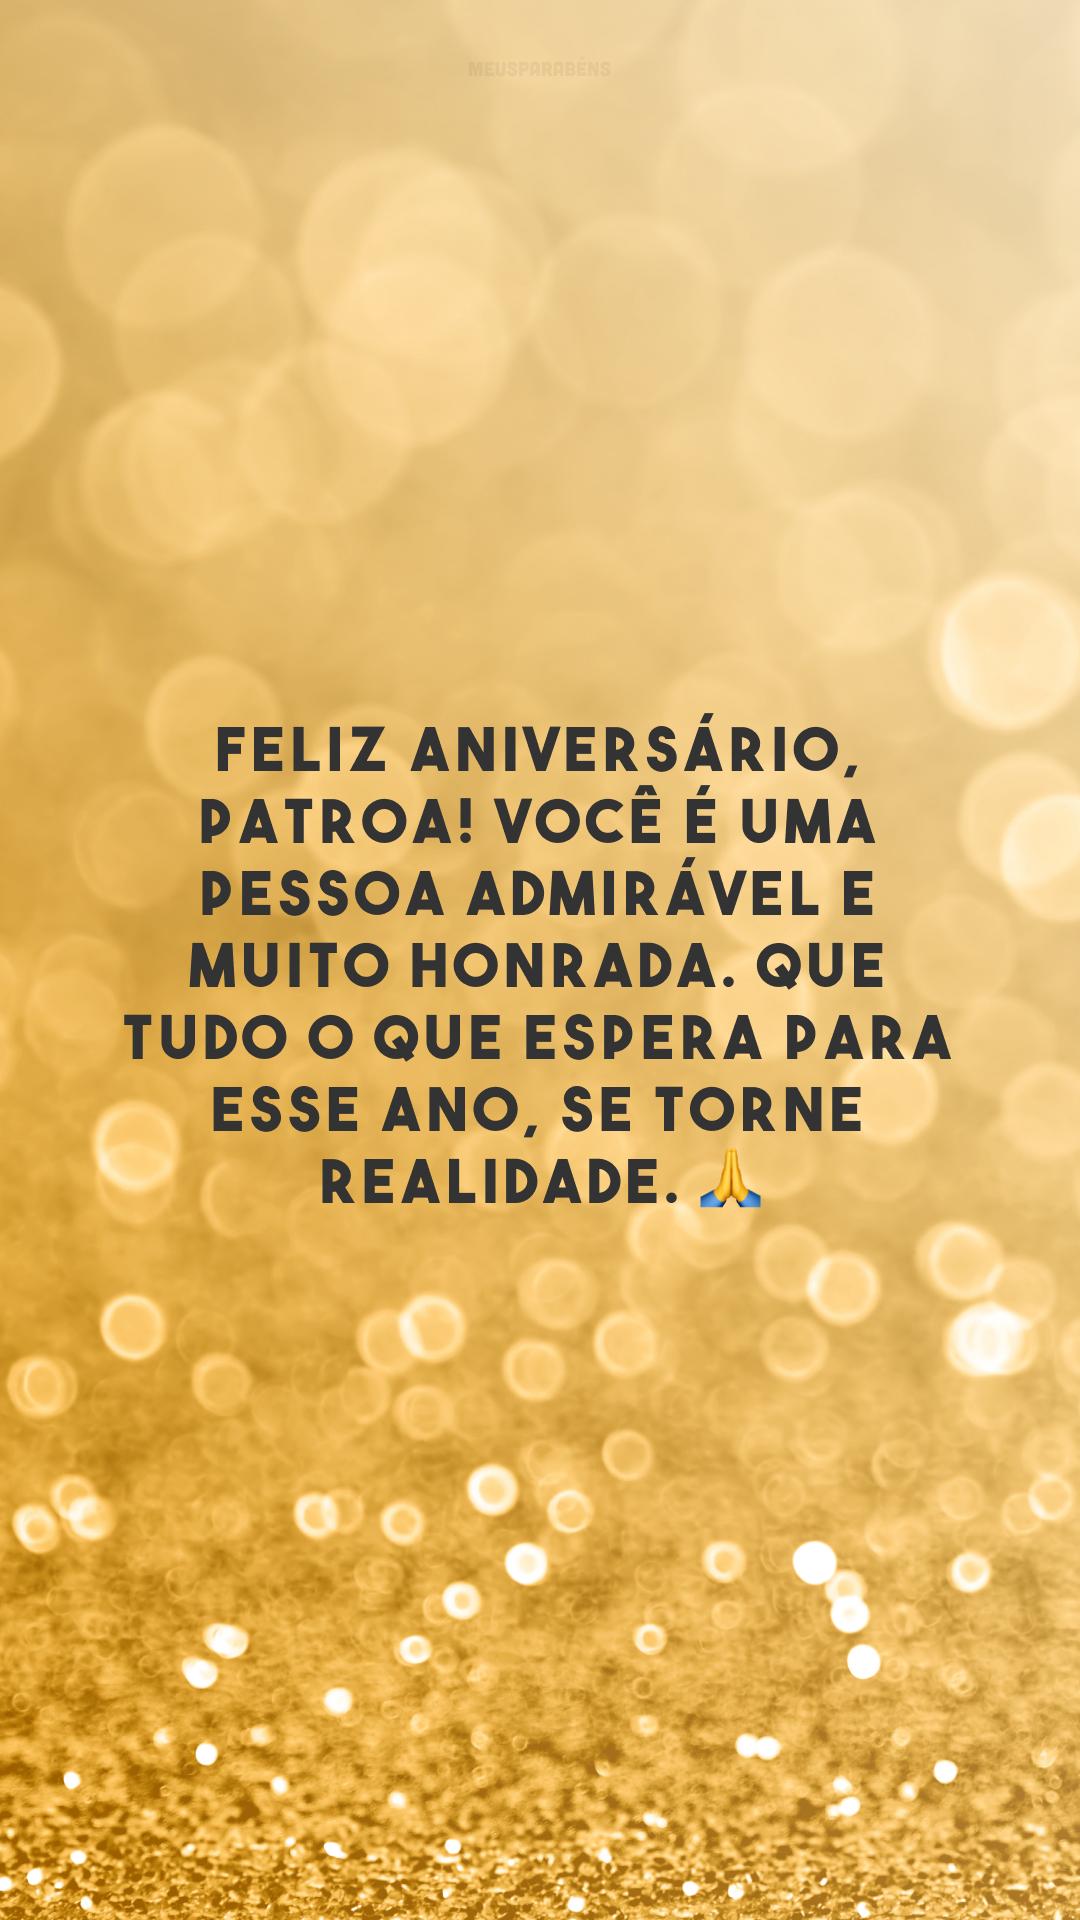 Feliz aniversário, patroa! Você é uma pessoa admirável e muito honrada. Que tudo o que espera para esse ano, se torne realidade. 🙏